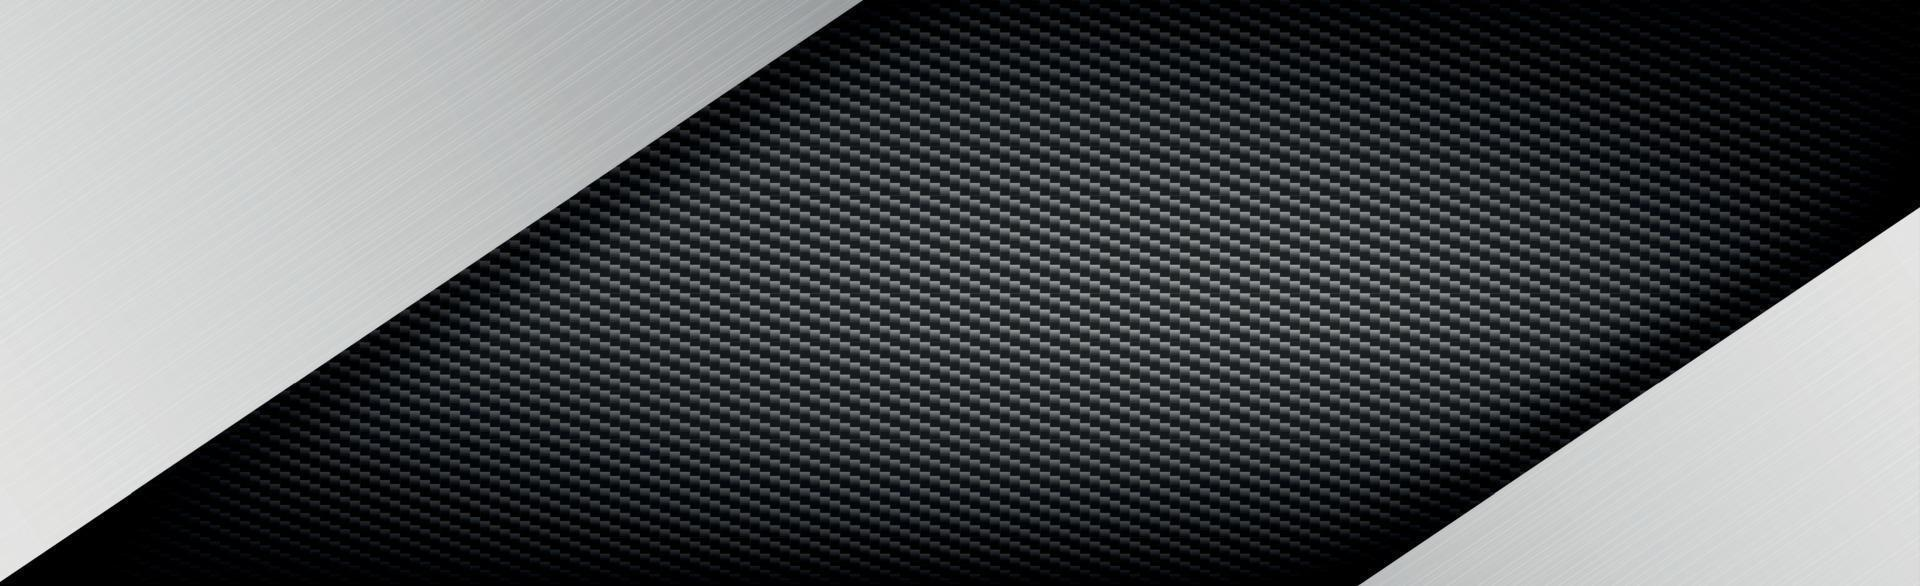 Fondo de textura de fibra de carbono y metal abstracto - ilustración vectorial vector